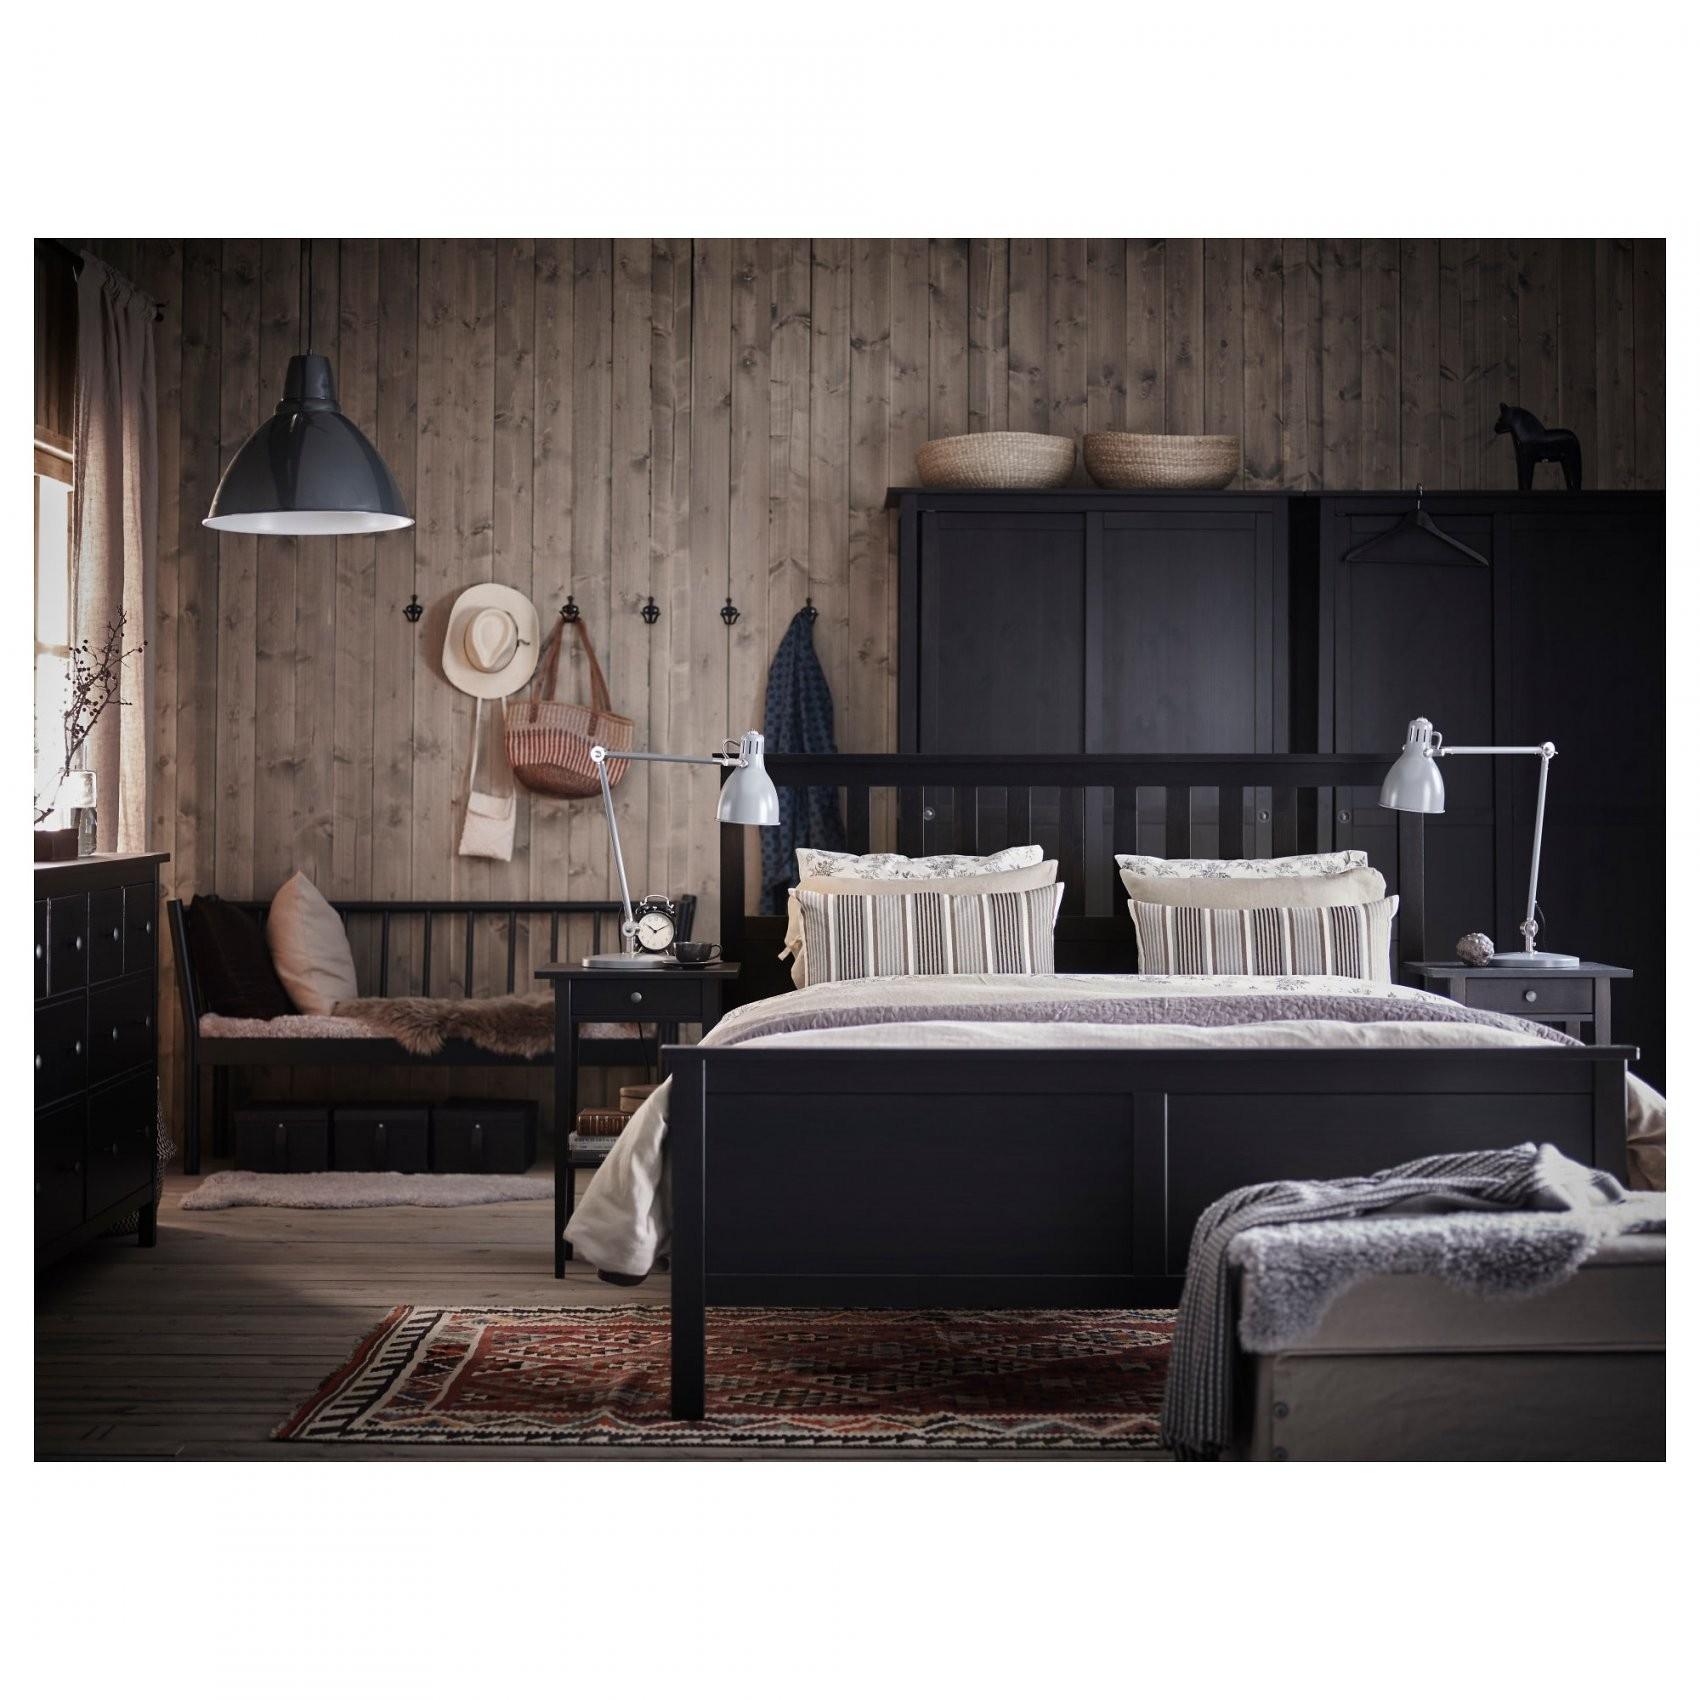 Hemnes Bedframe  160X200 Cm  Witgebeitst  Ikea von Ikea Hemnes Bett 160X200 Bild